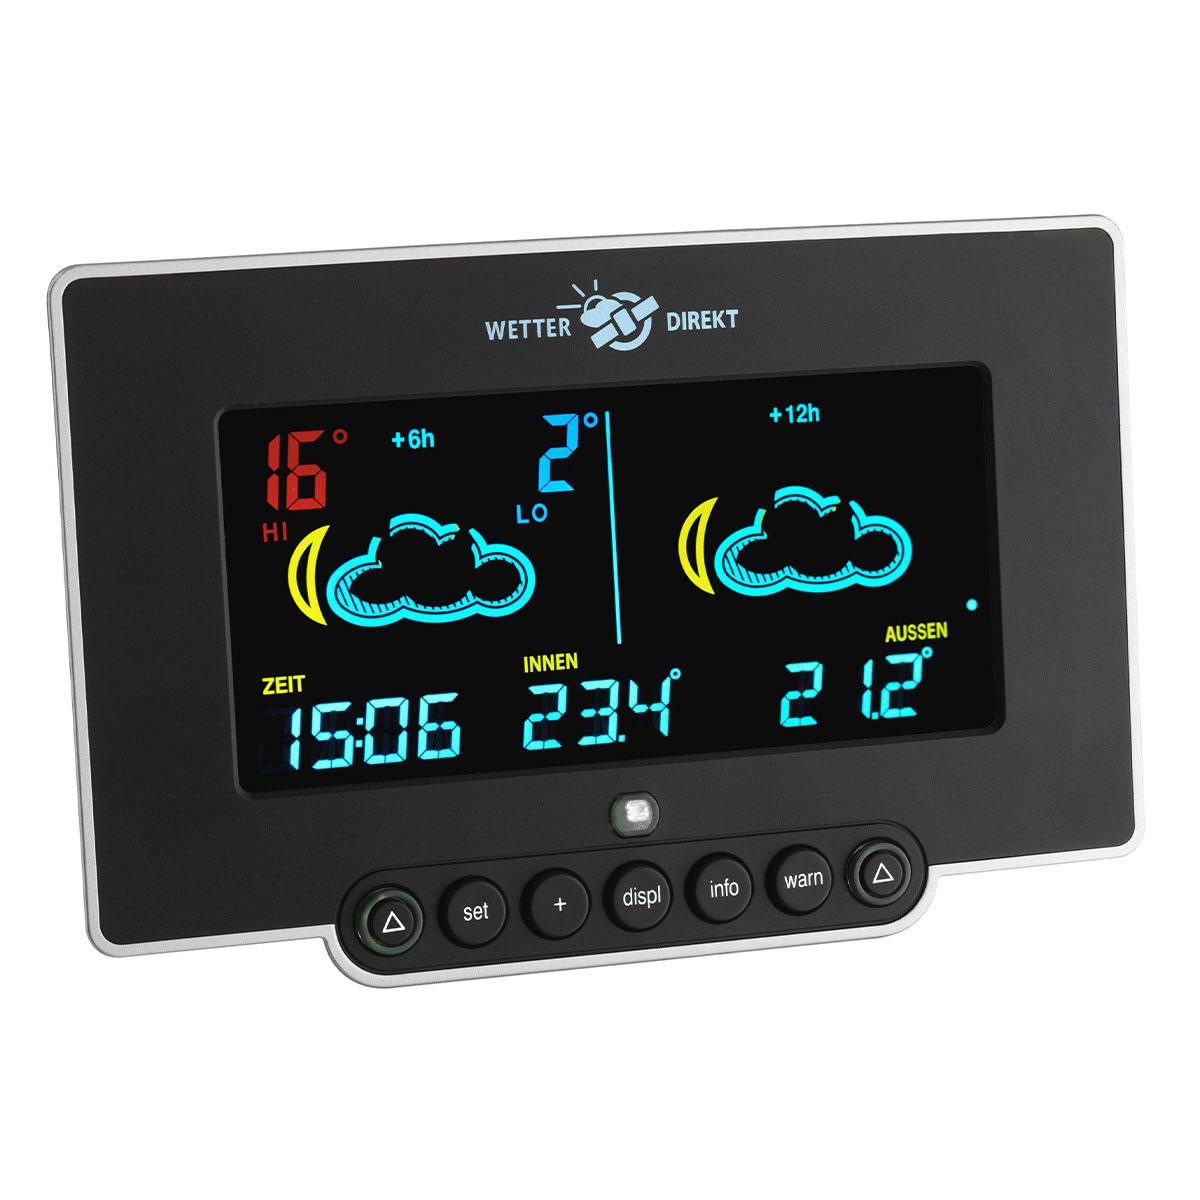 35-5054-it-satellitengestützte-funk-wetterstation-mit-wetterwarnung-neon-300-ansicht-1200x1200px.jpg